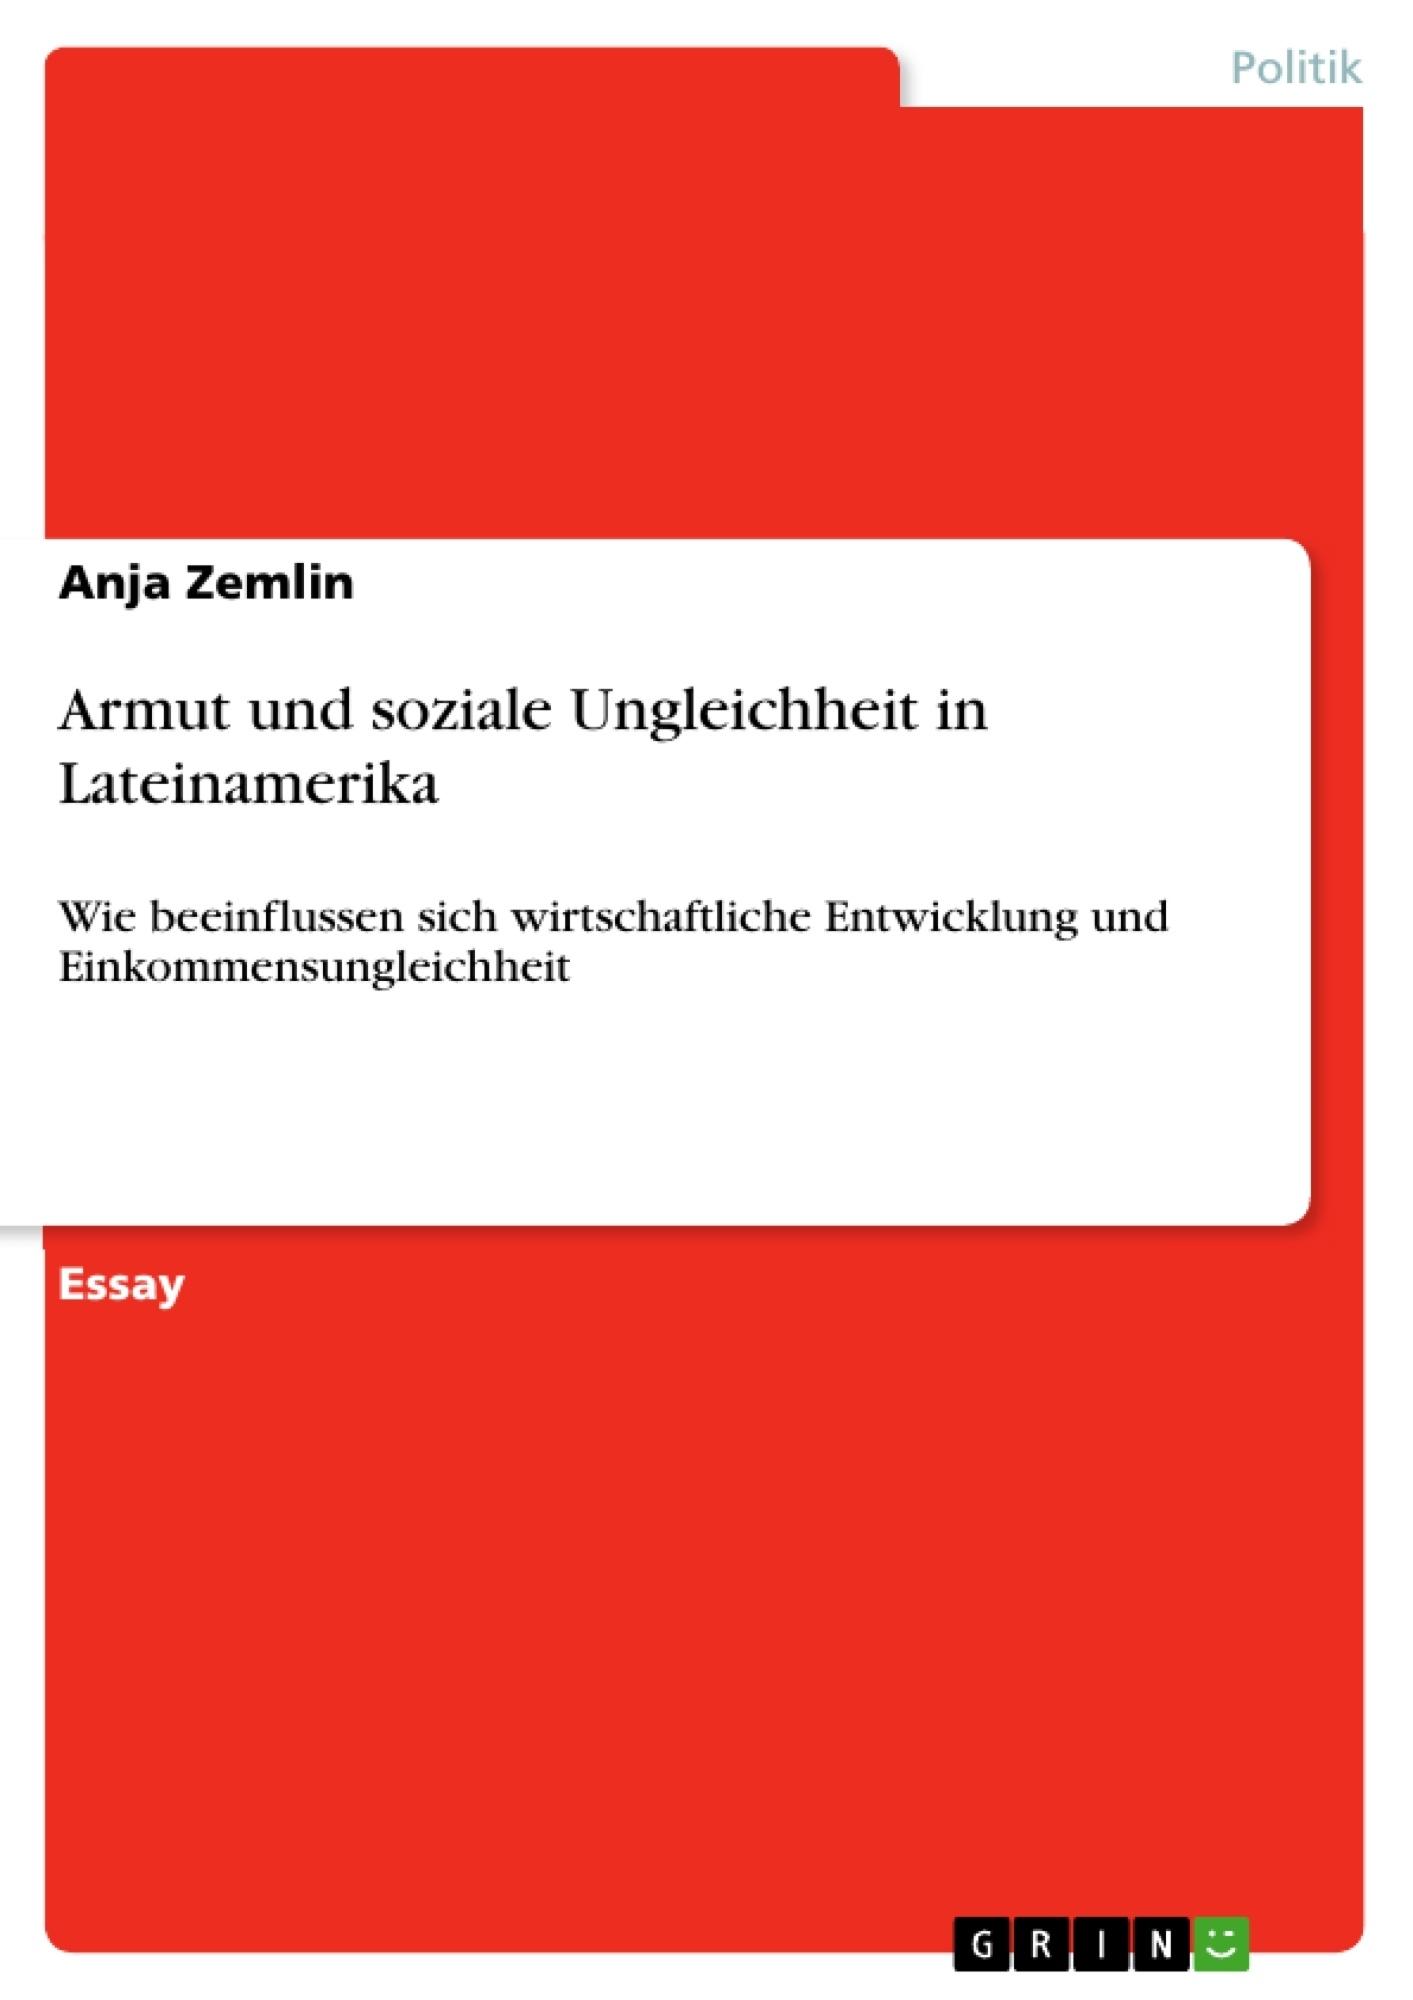 Titel: Armut und soziale Ungleichheit in Lateinamerika